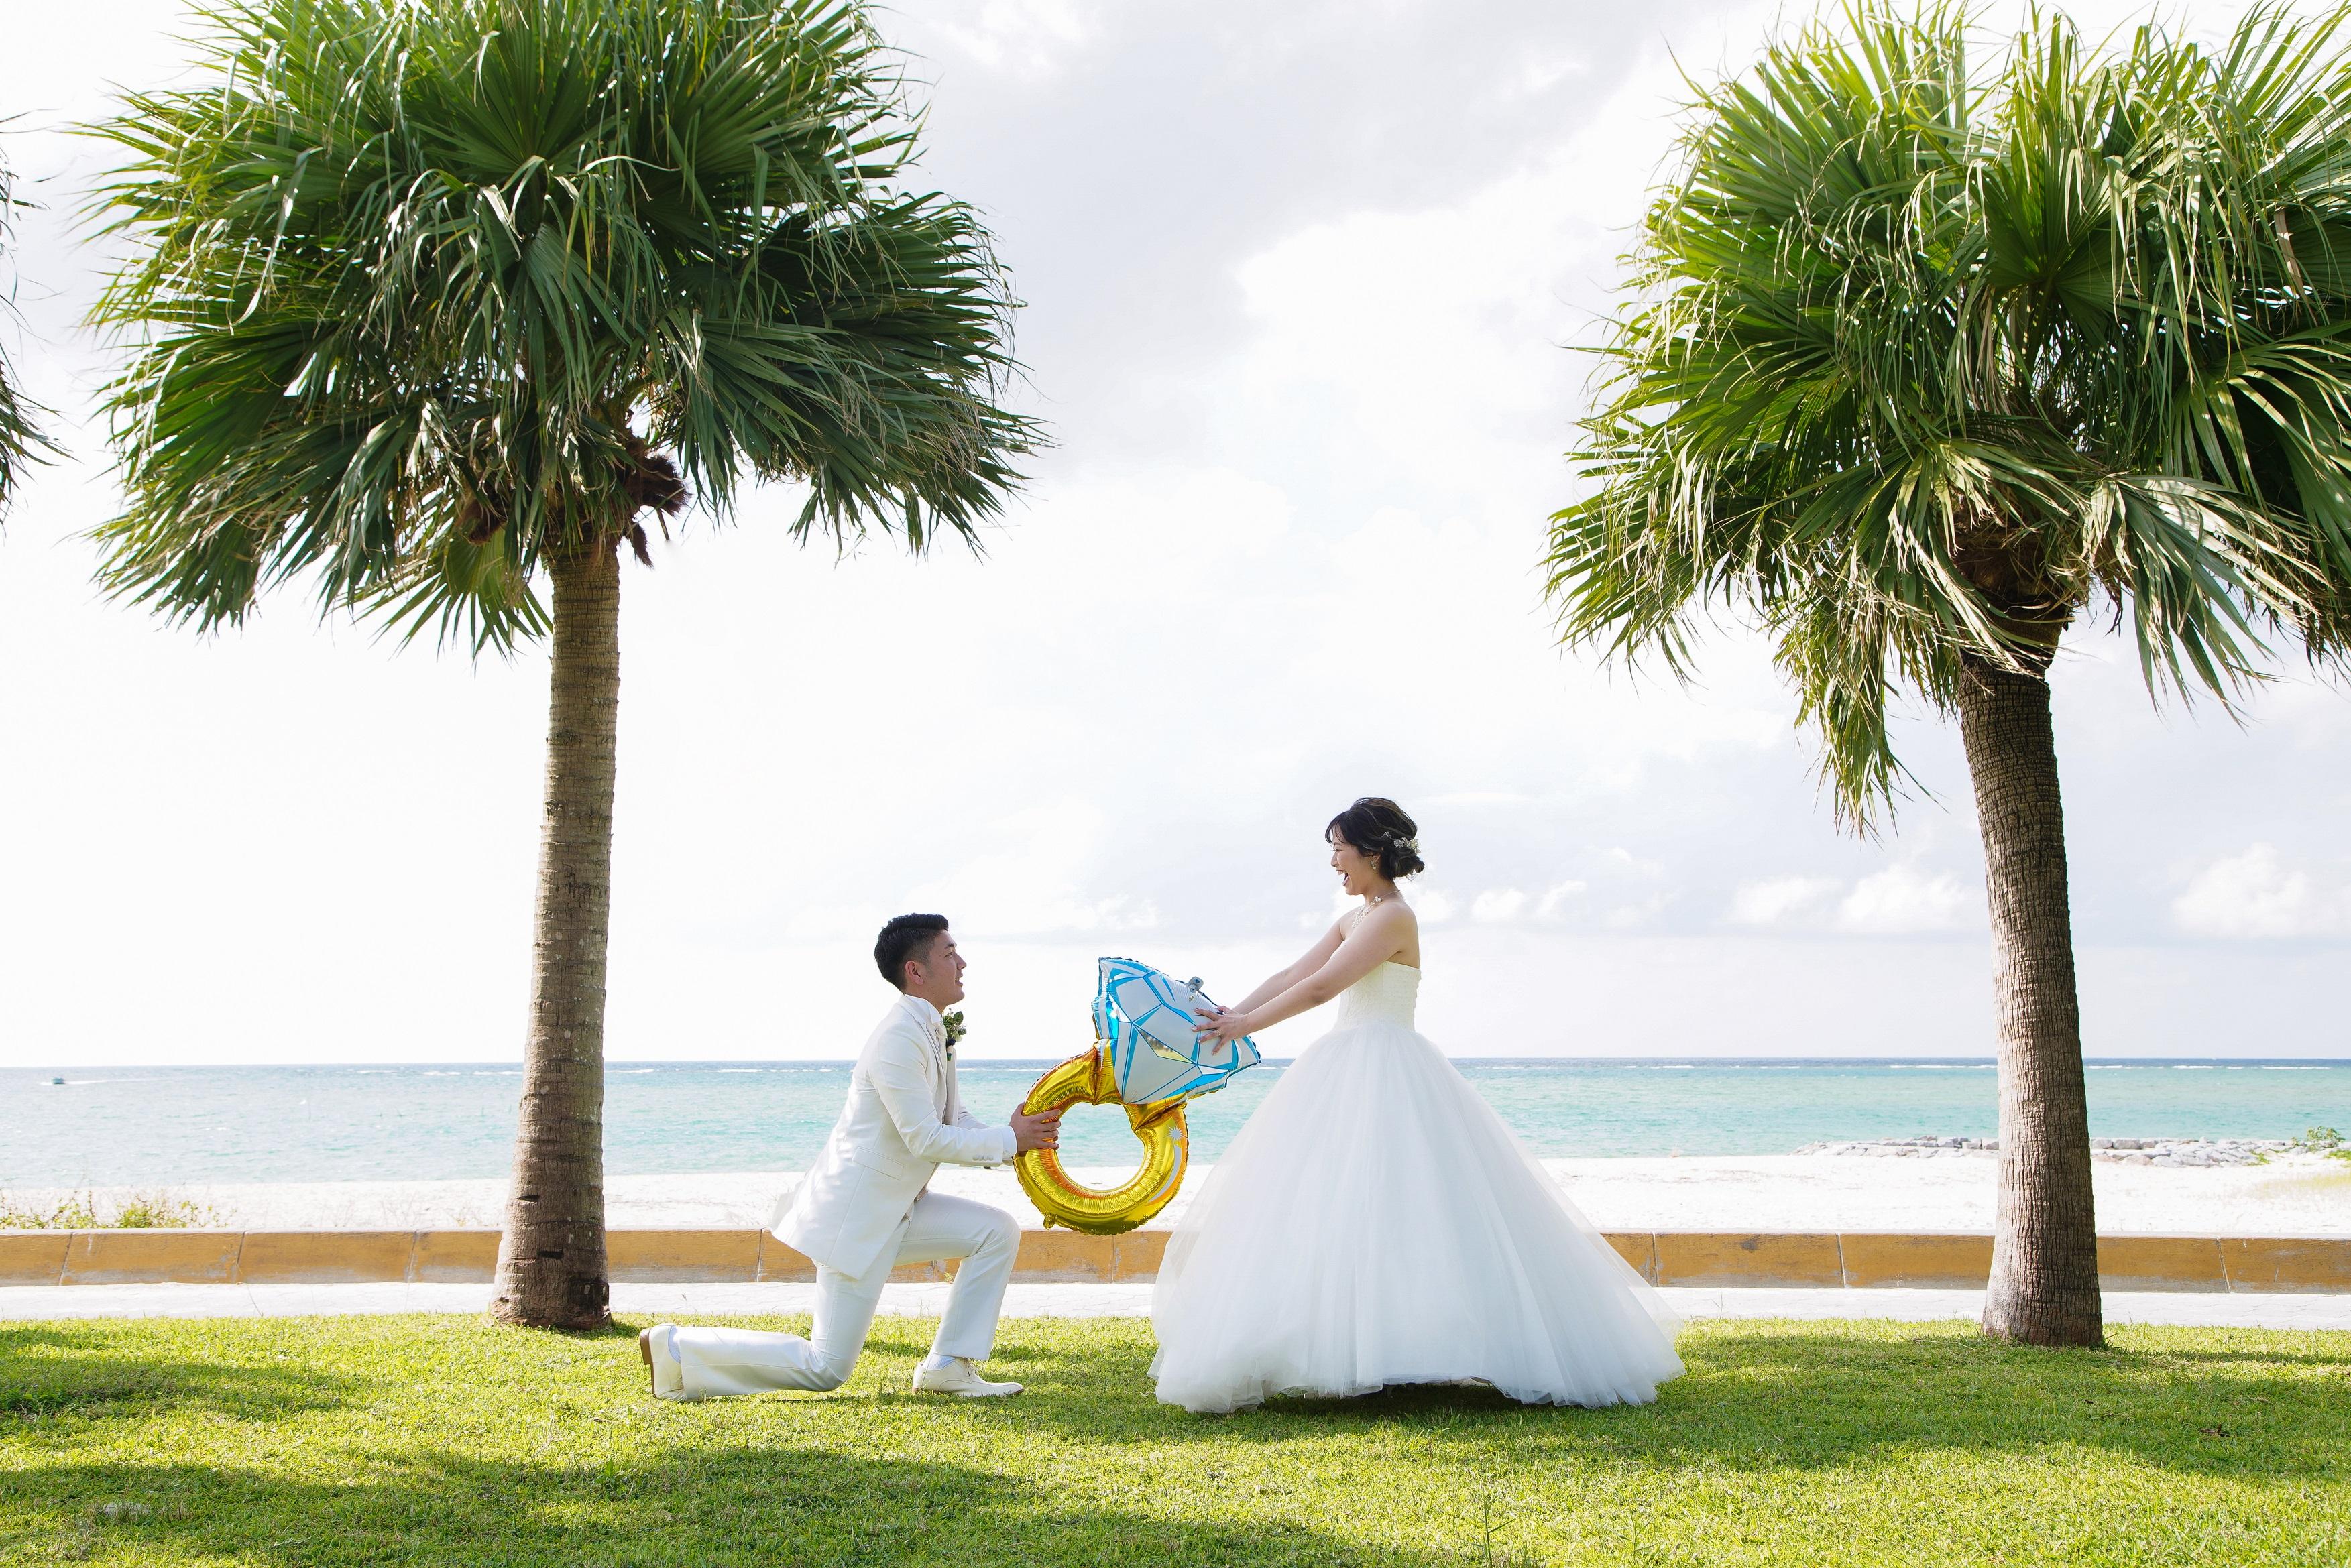 青い海と青い空の下で2度目のプロポーズ♡